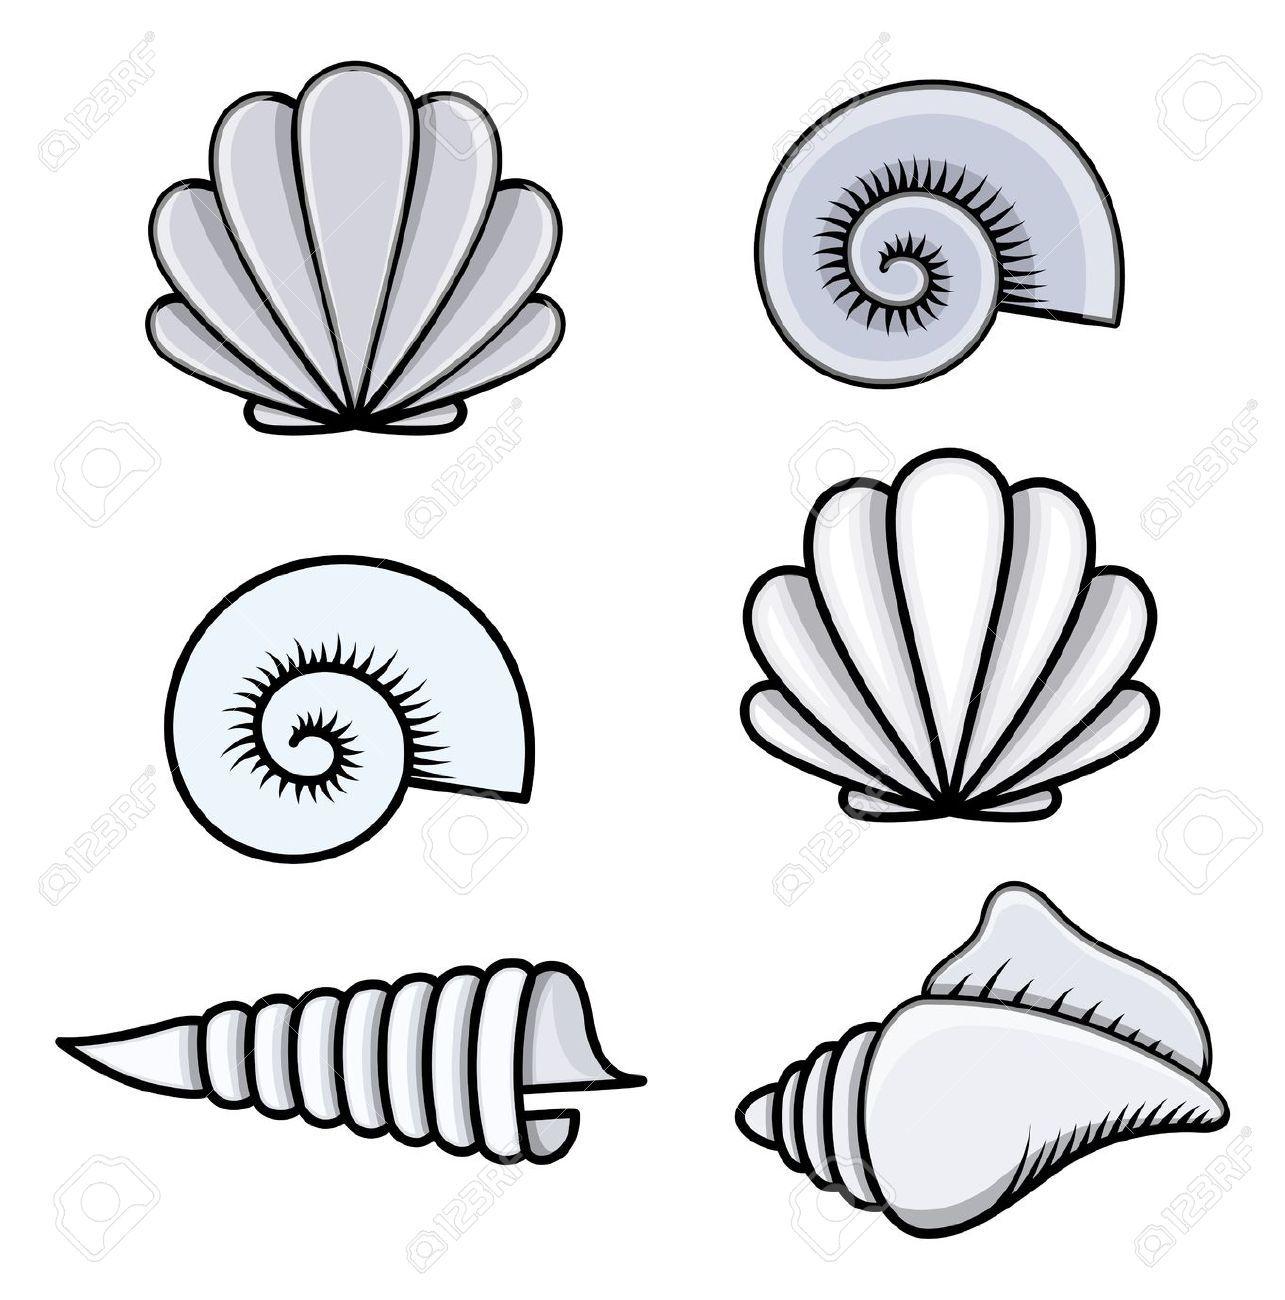 Bildresultat för sea shells cartoon | Ocean BG | Pinterest ...